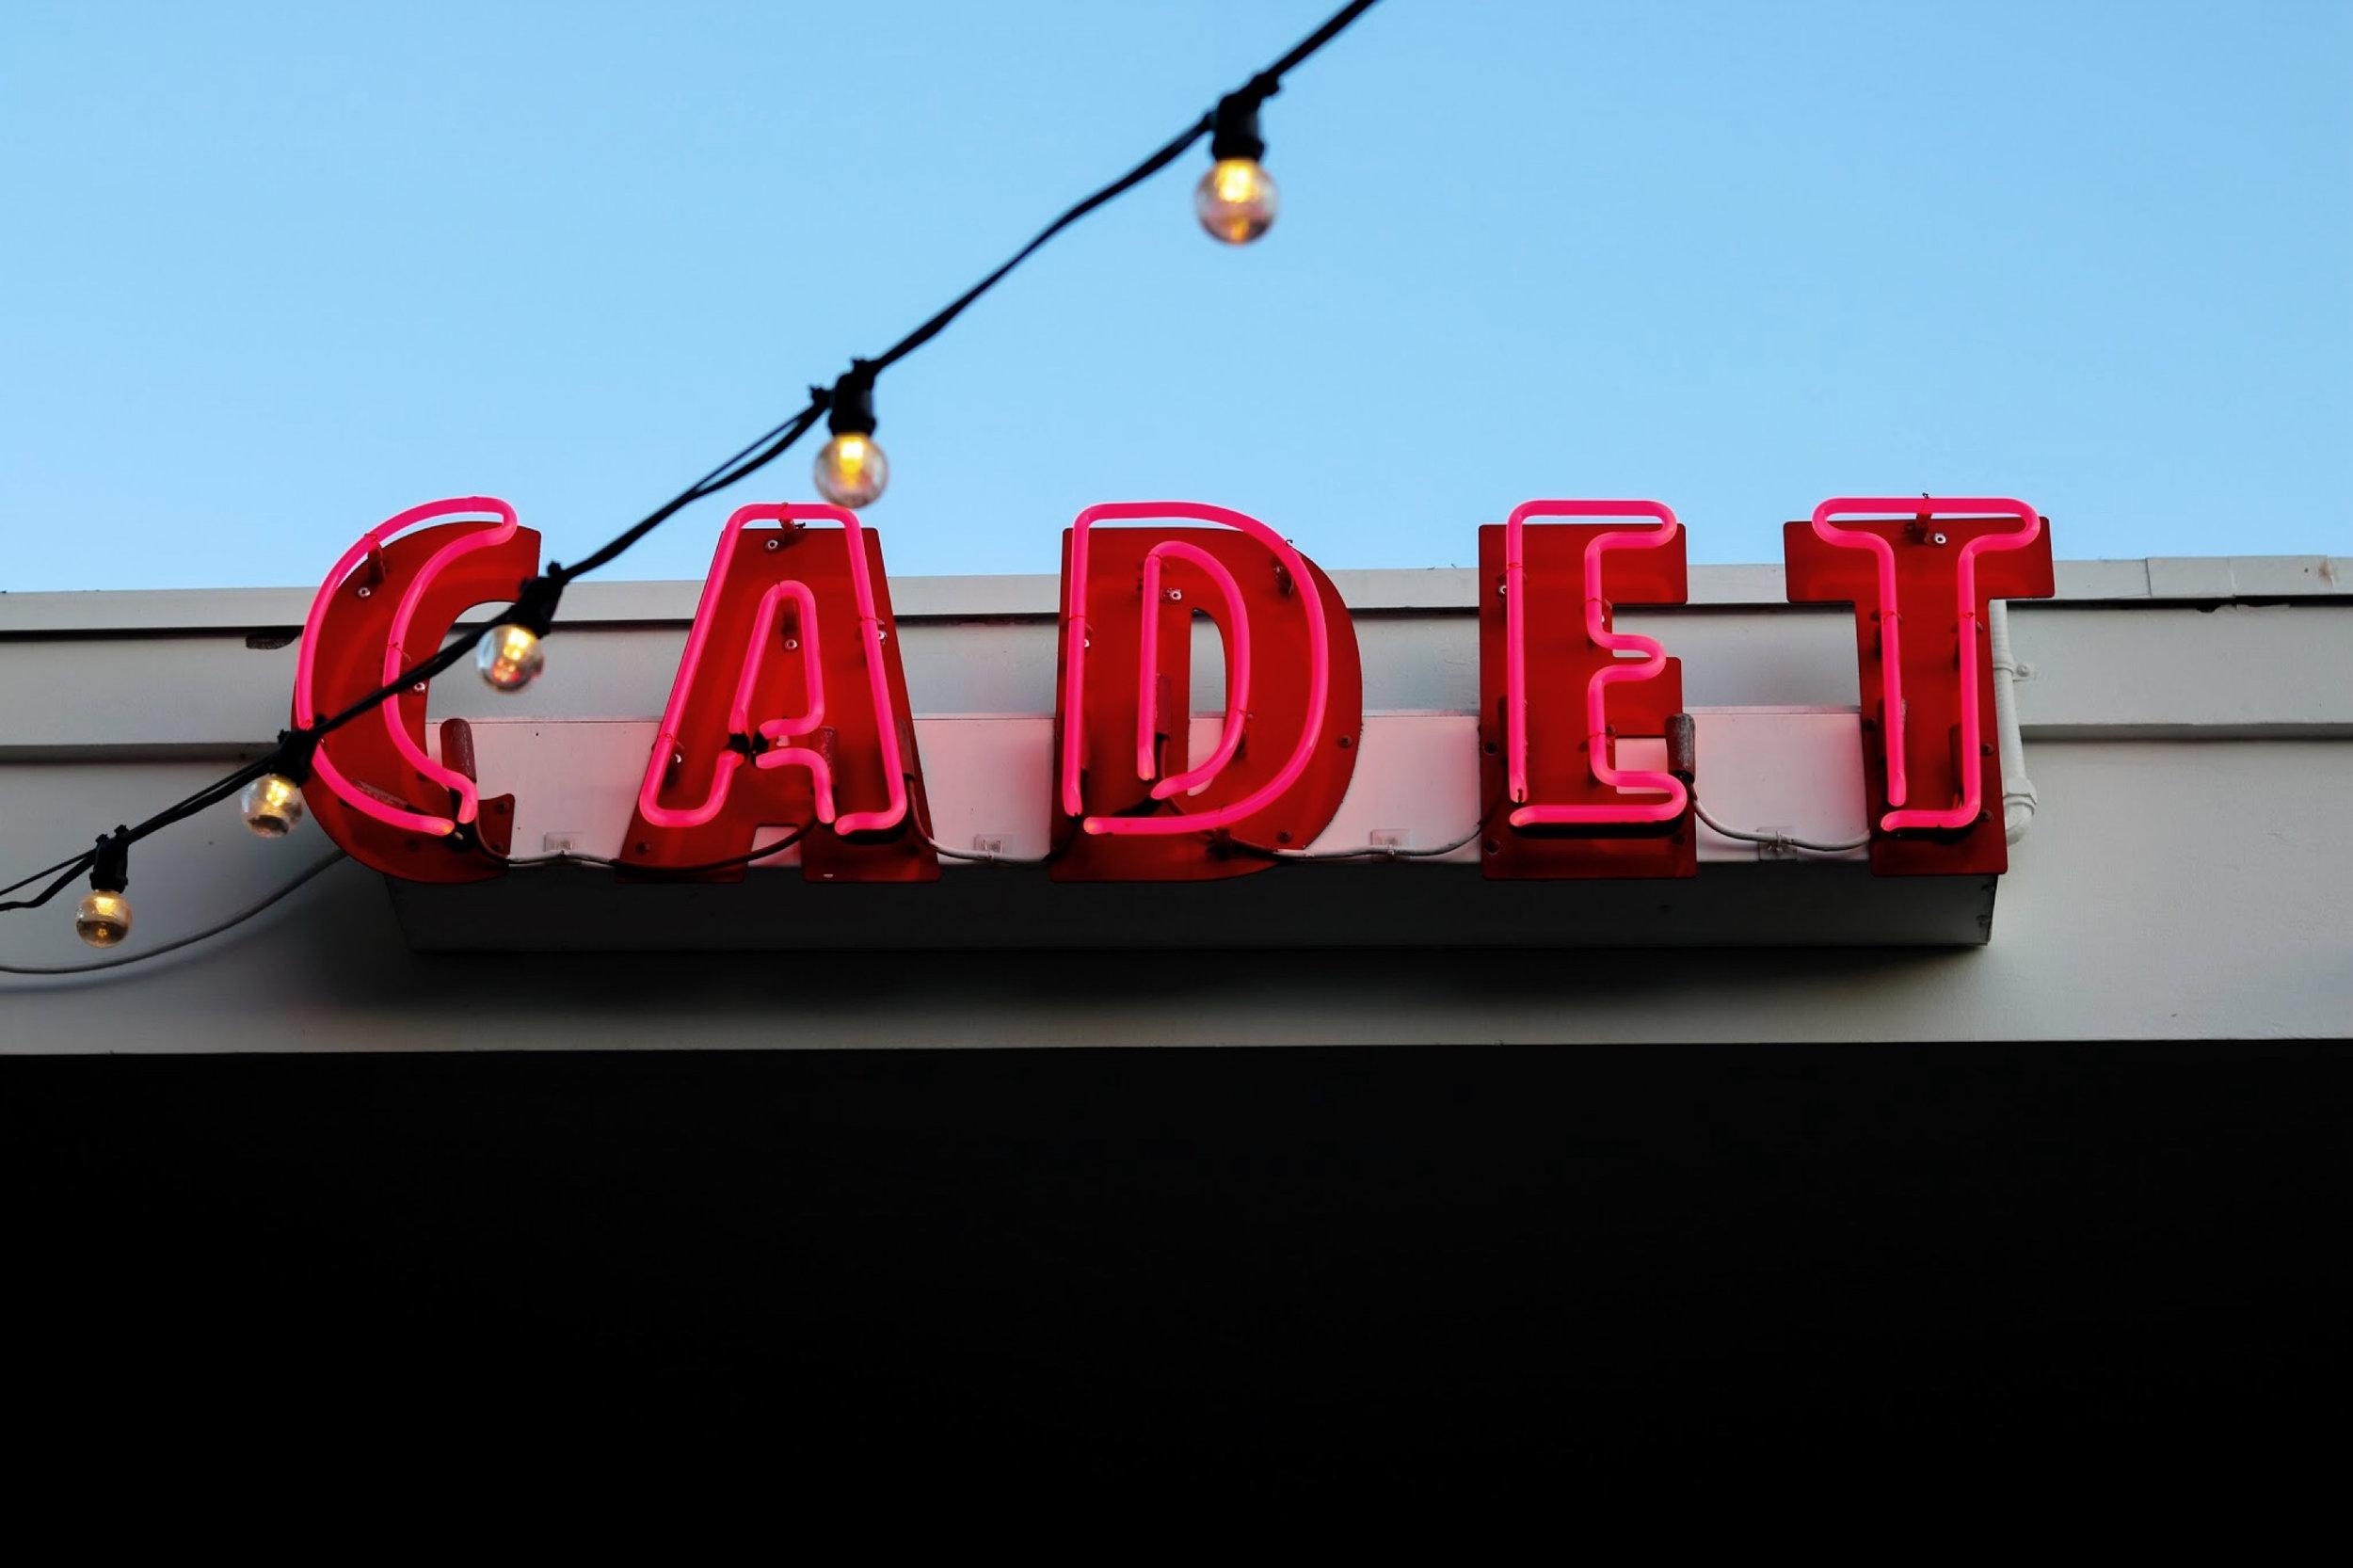 cadet - 930 Franklin St, Napa, CA 94559